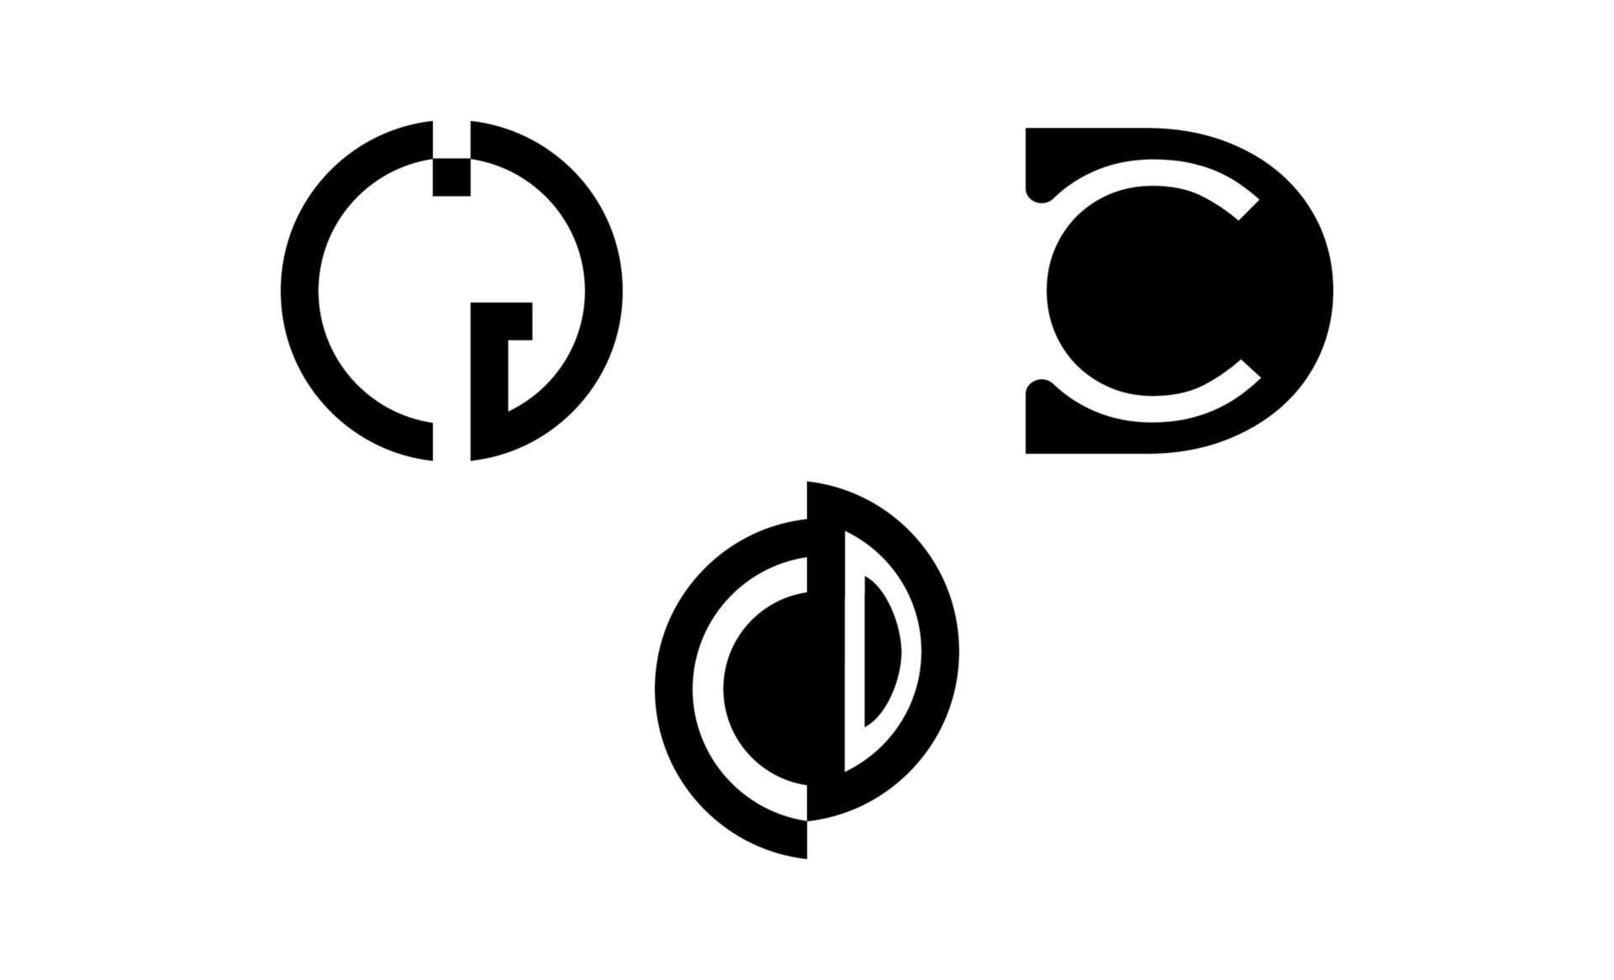 illustrazione vettoriale del logo cd iniziale